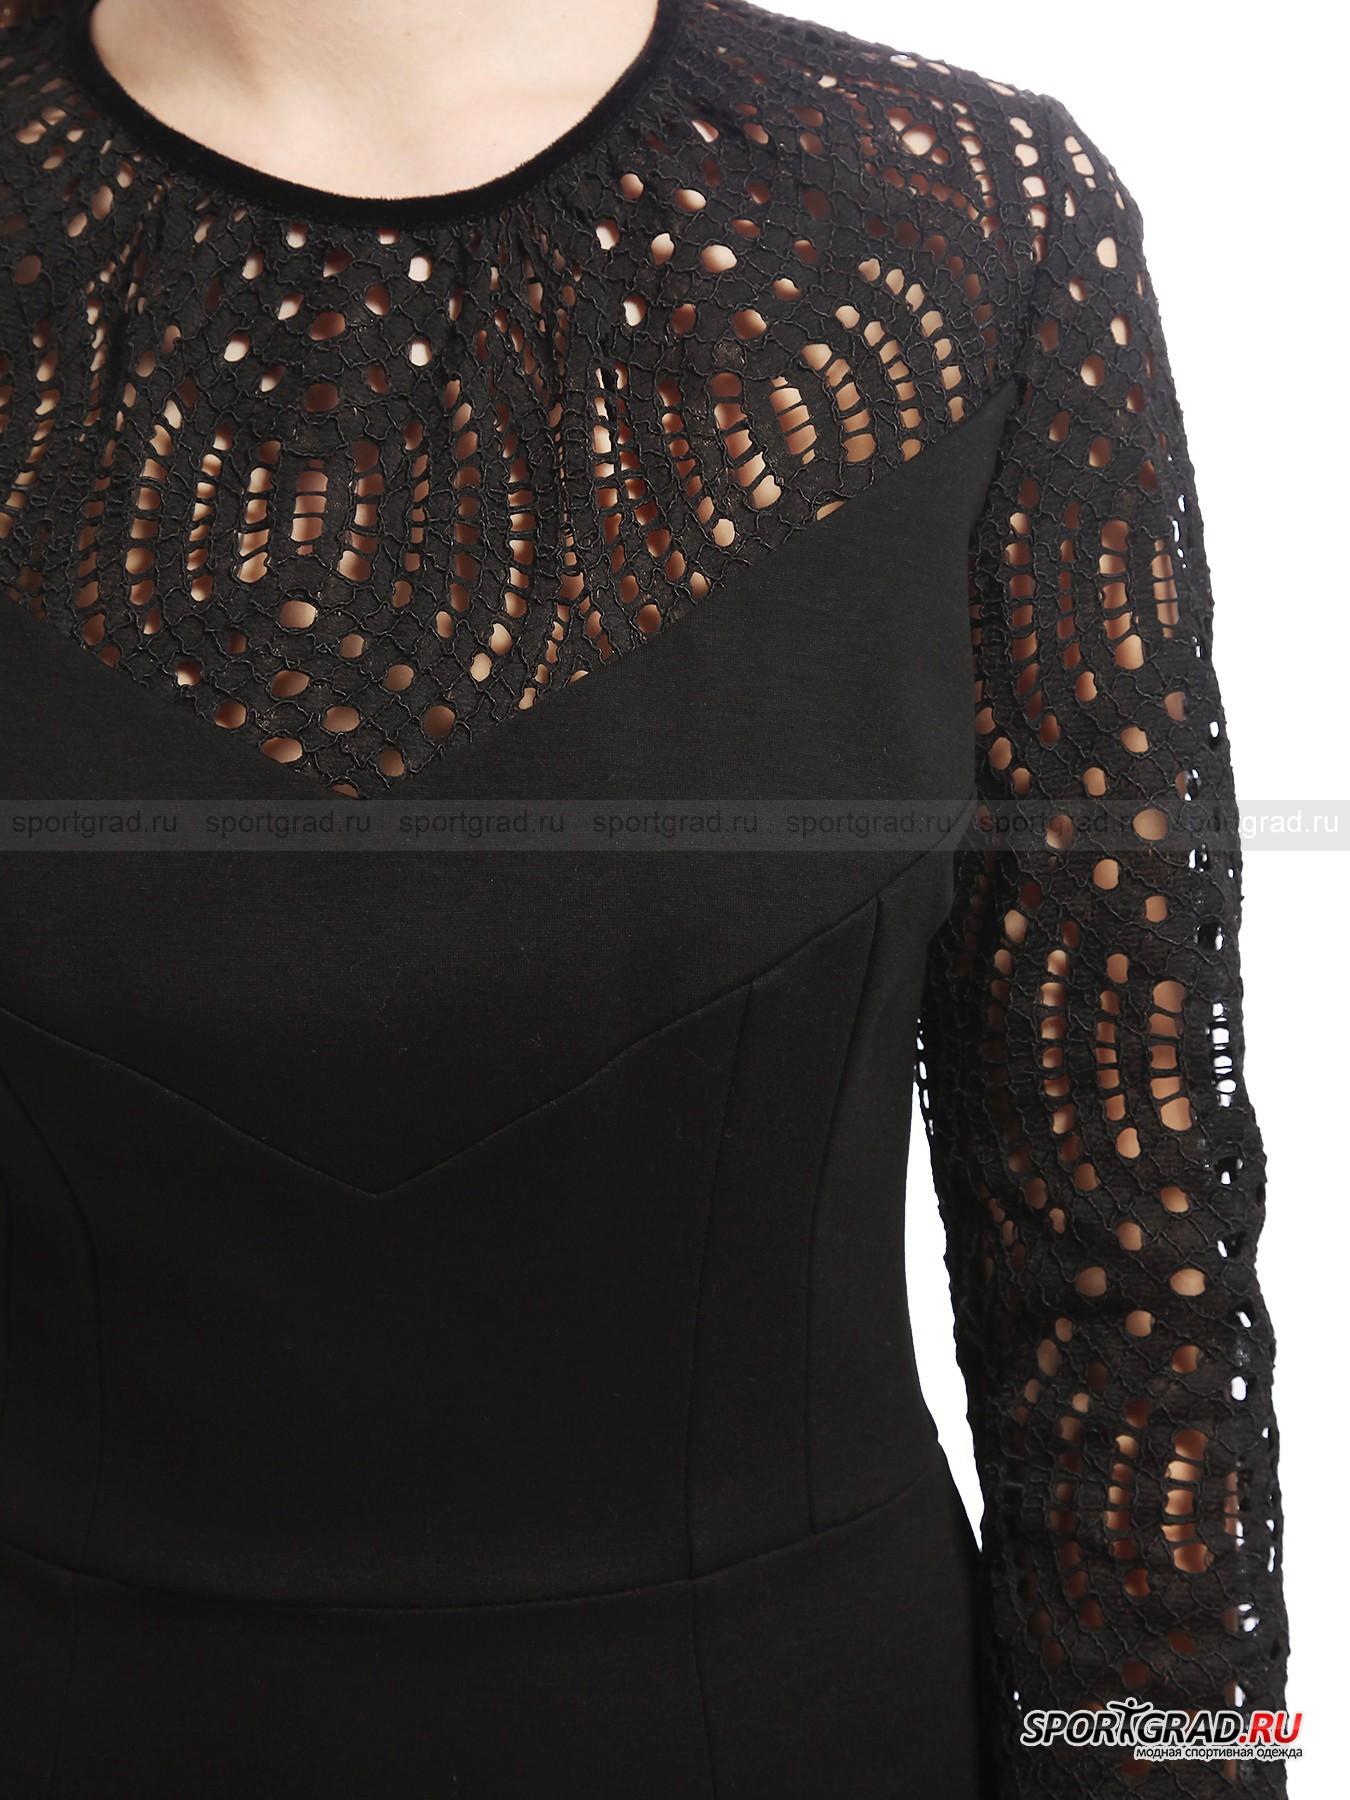 Платье женское JUST CAVALLI от Спортград